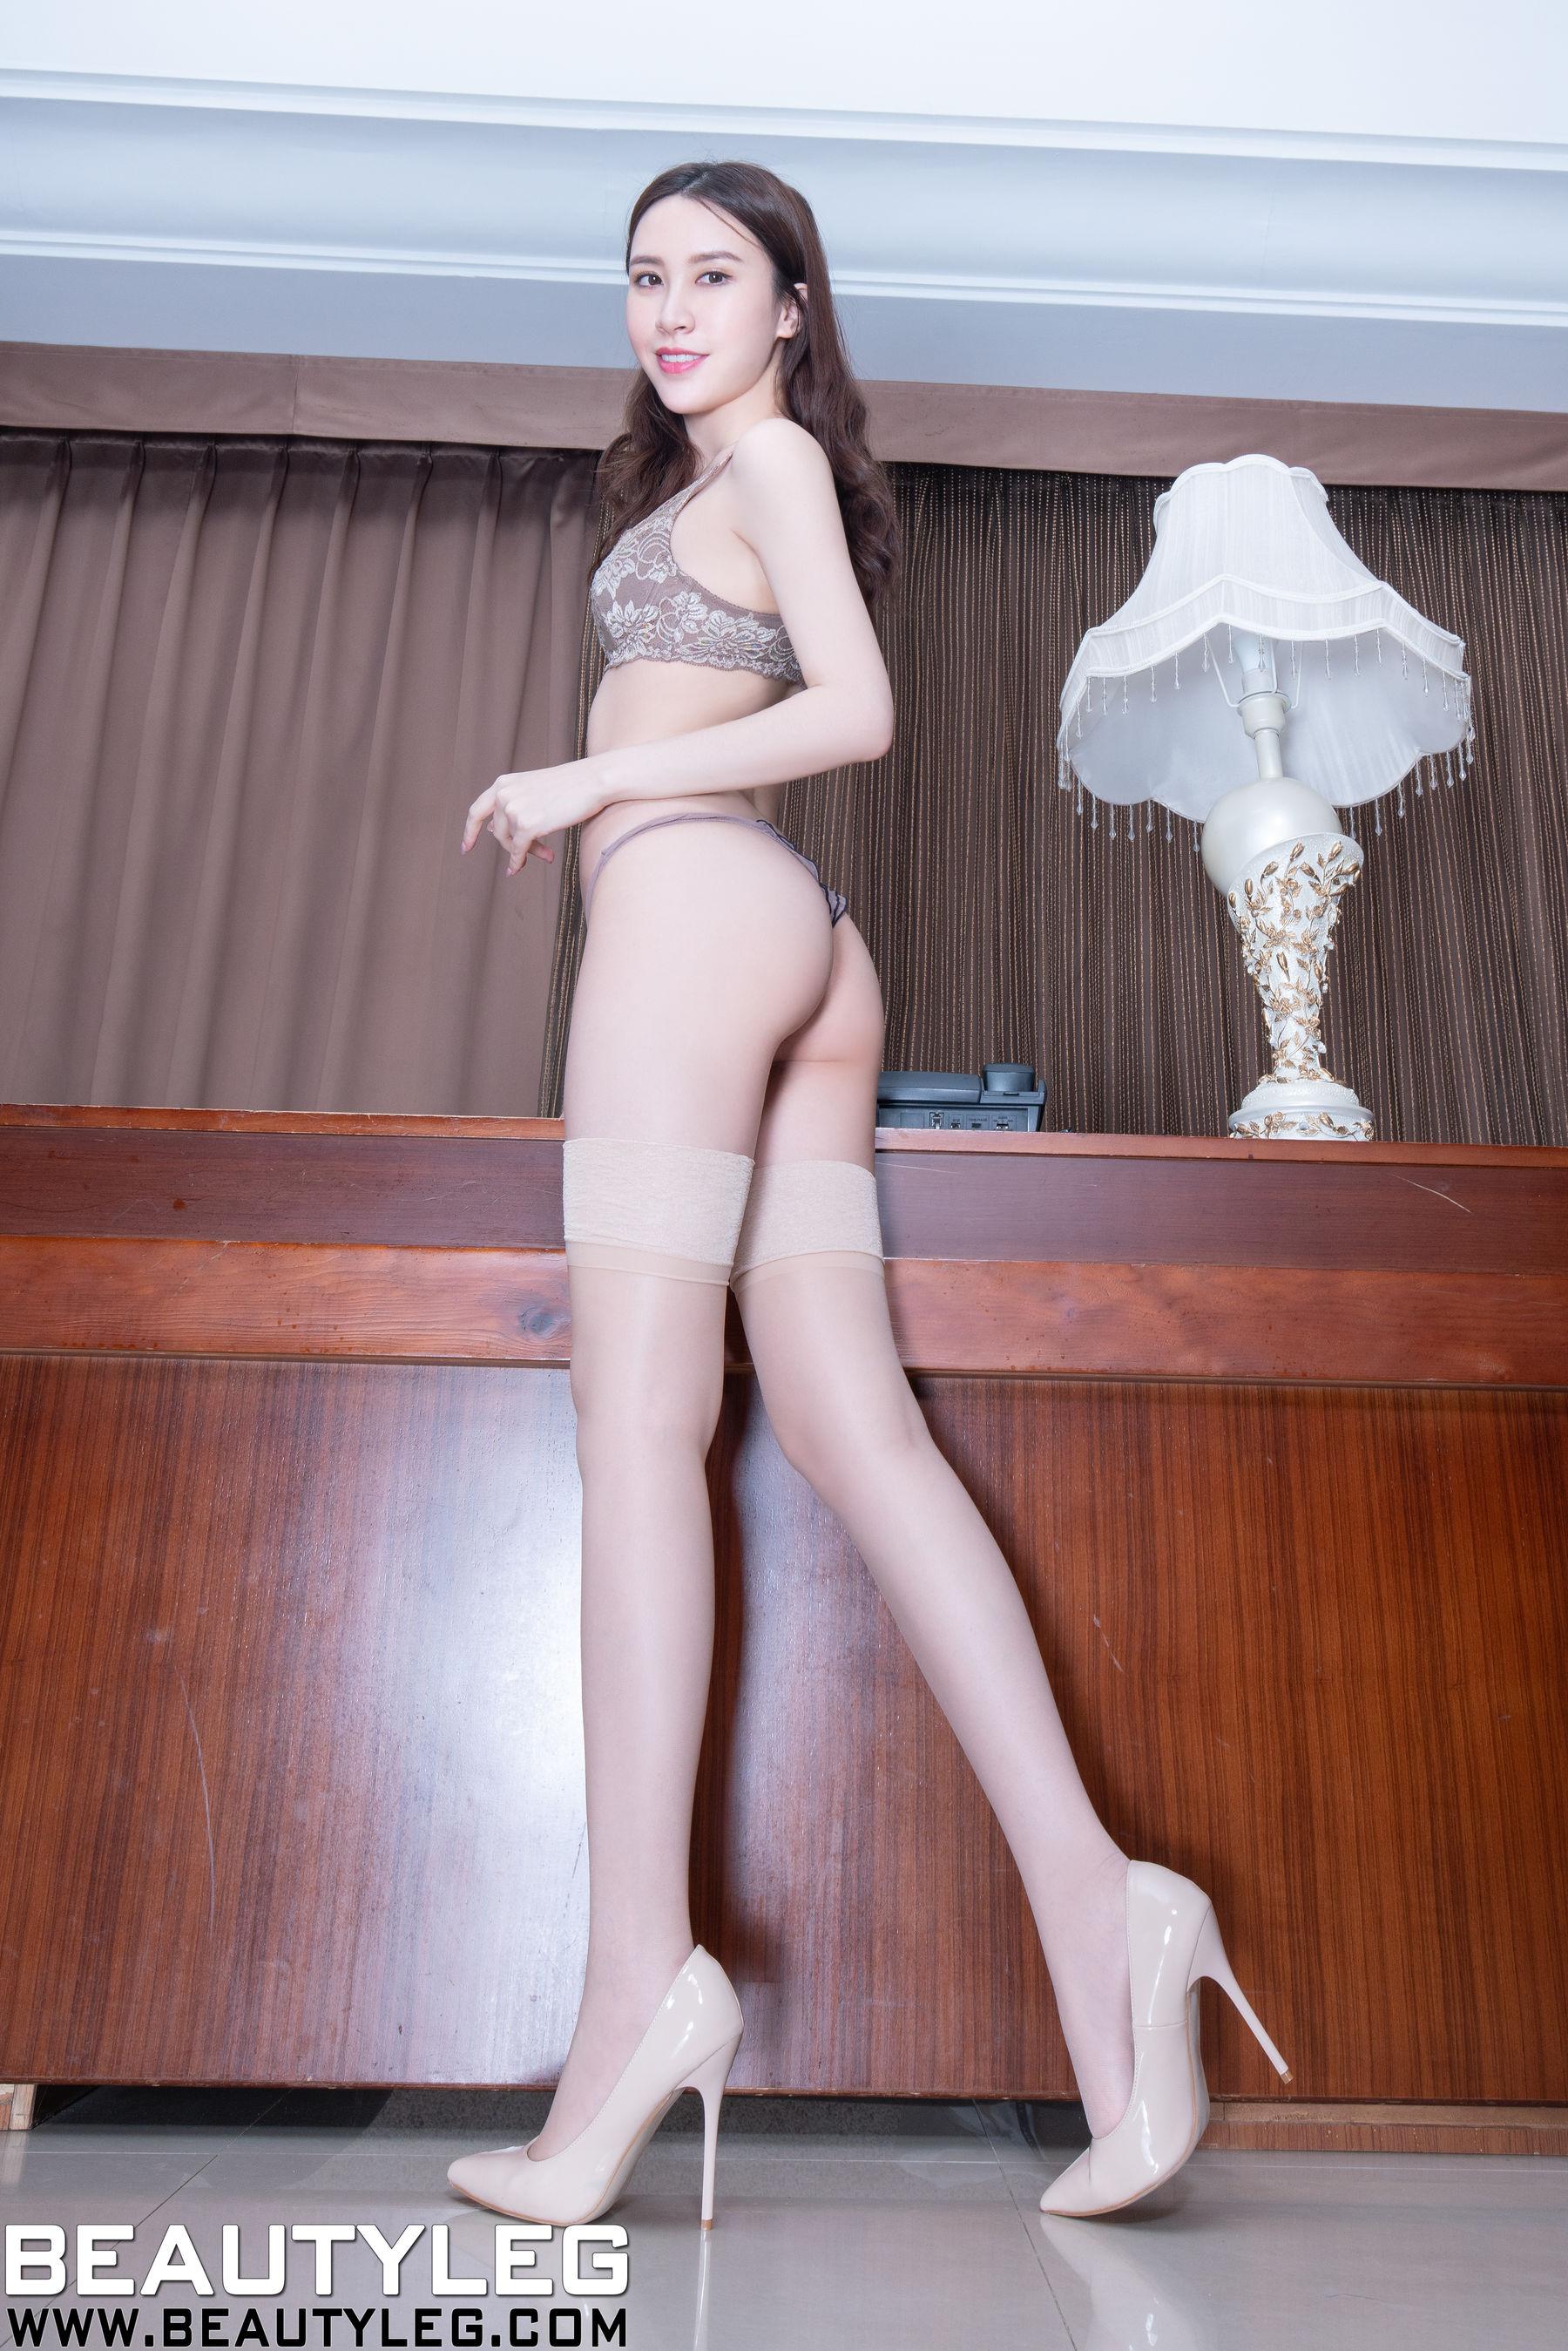 VOL.1818 [Beautyleg]丝袜美腿高跟:崔多朵(崔德蓉,腿模Stephy)超高清个人性感漂亮大图(44P)